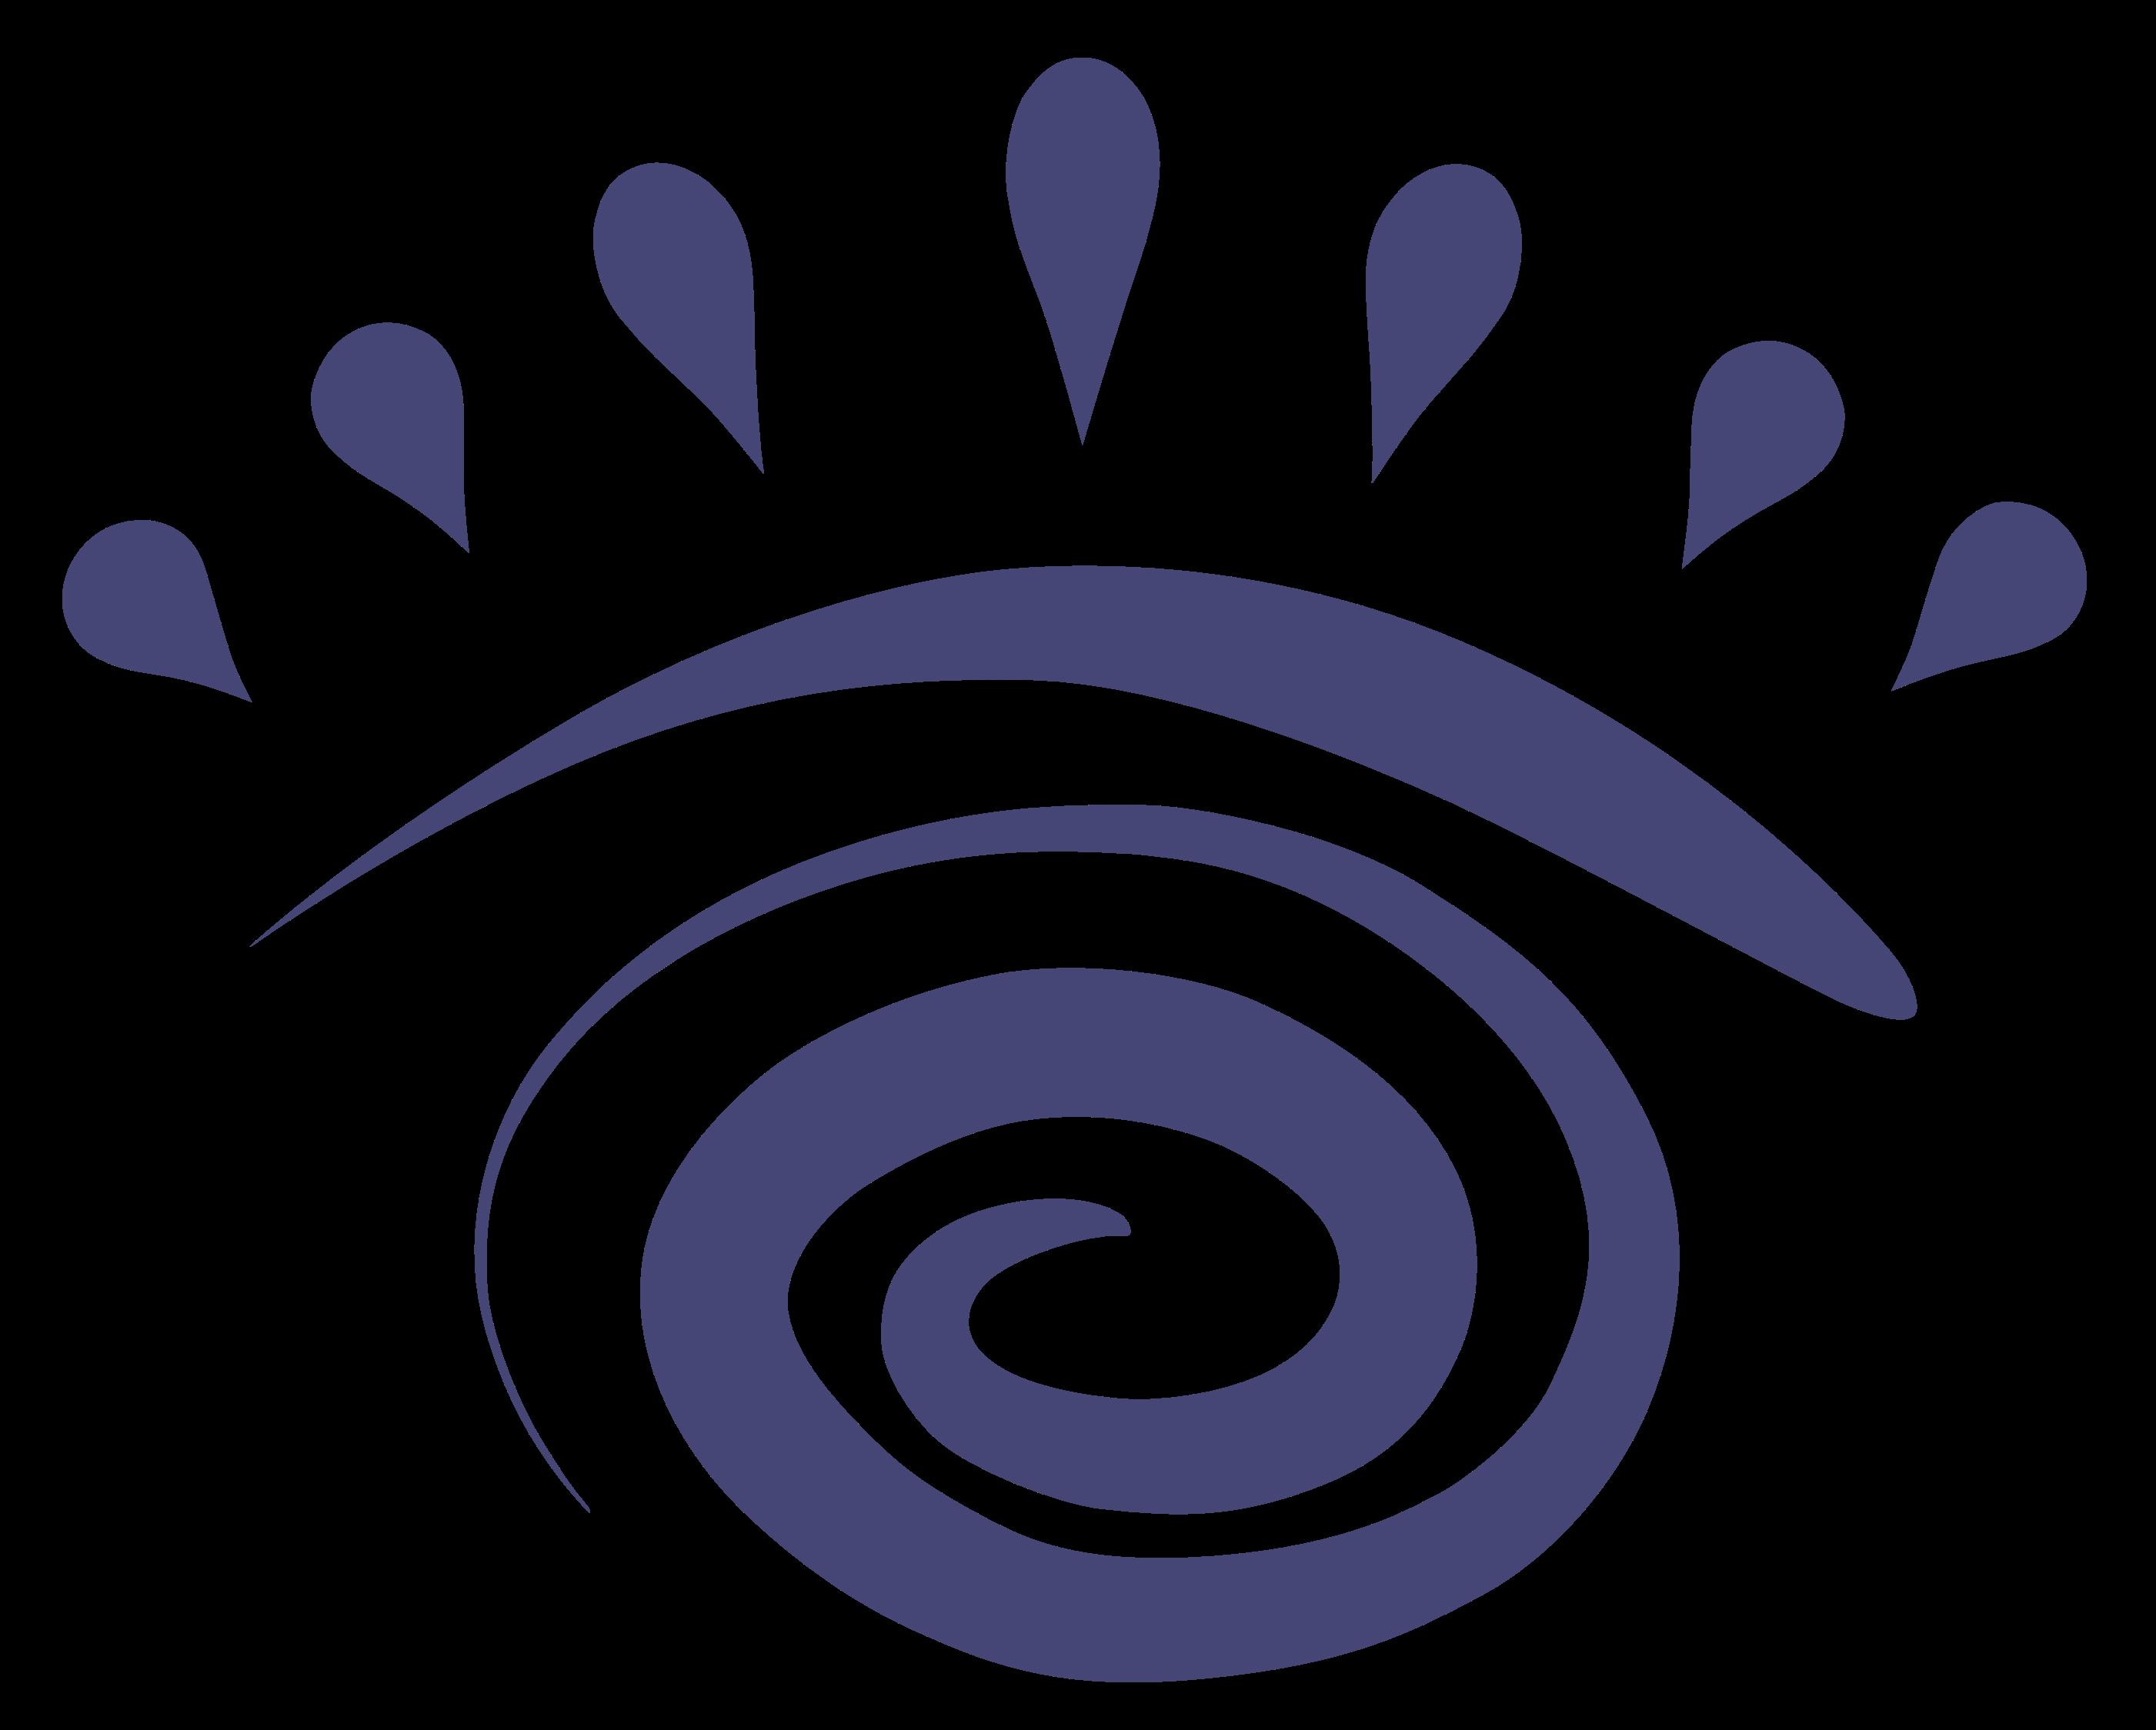 Logo des Hypnoseverbandes  Yager Therapie Hypnose und Coaching Praxis Groenesteyn Muenchen und Prien am Chiemsee